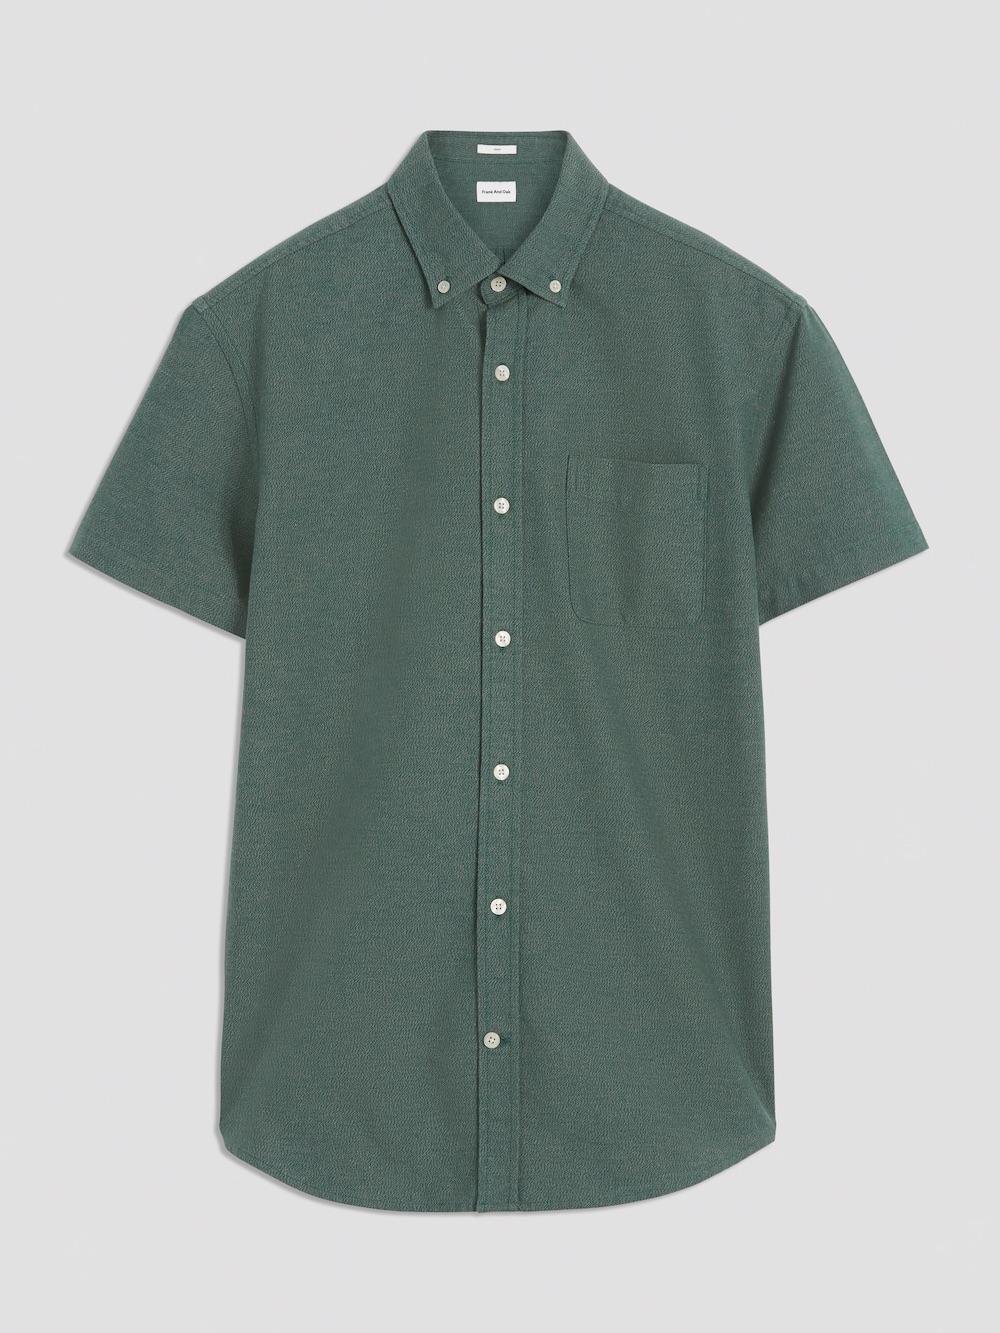 fao marled jasper short sleeve oxford green.jpg